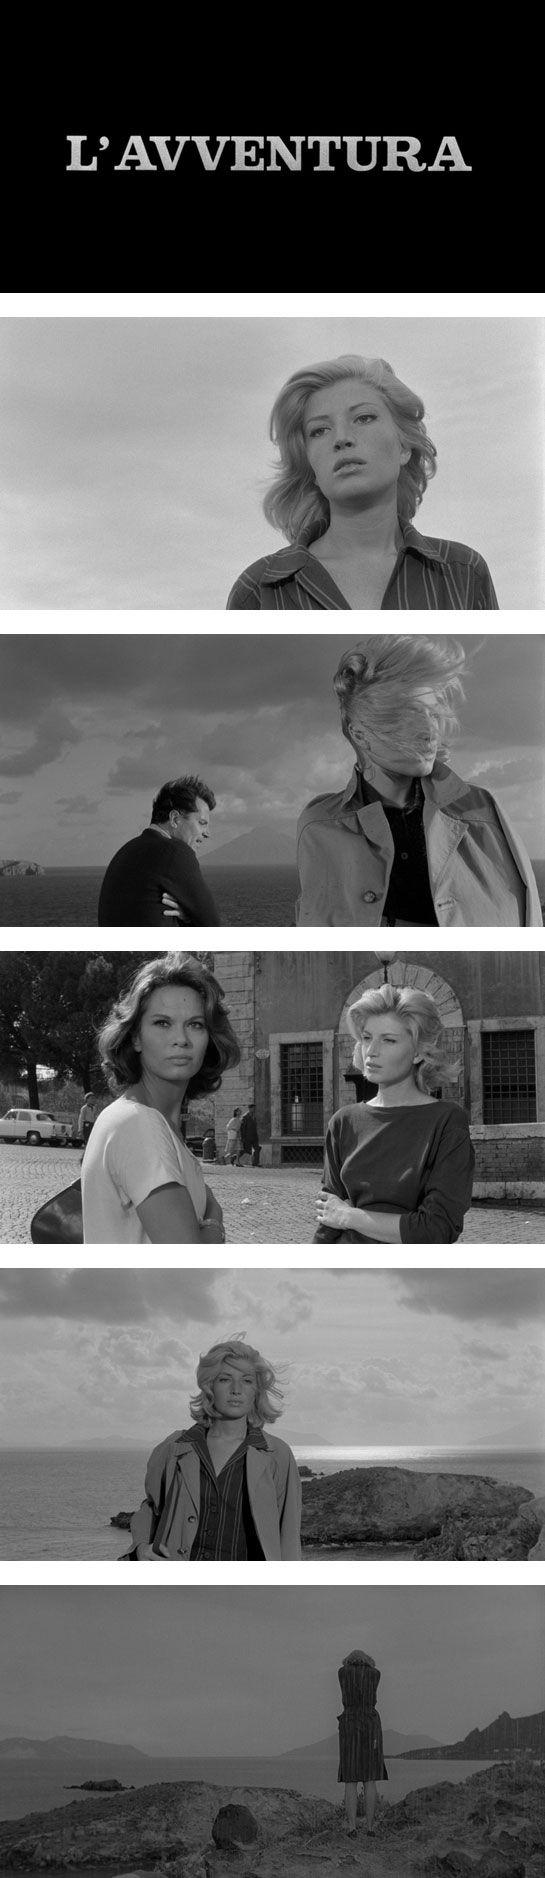 L'Avventura. 1960, A, Aldo Scavarda, Michelangelo Antonioni